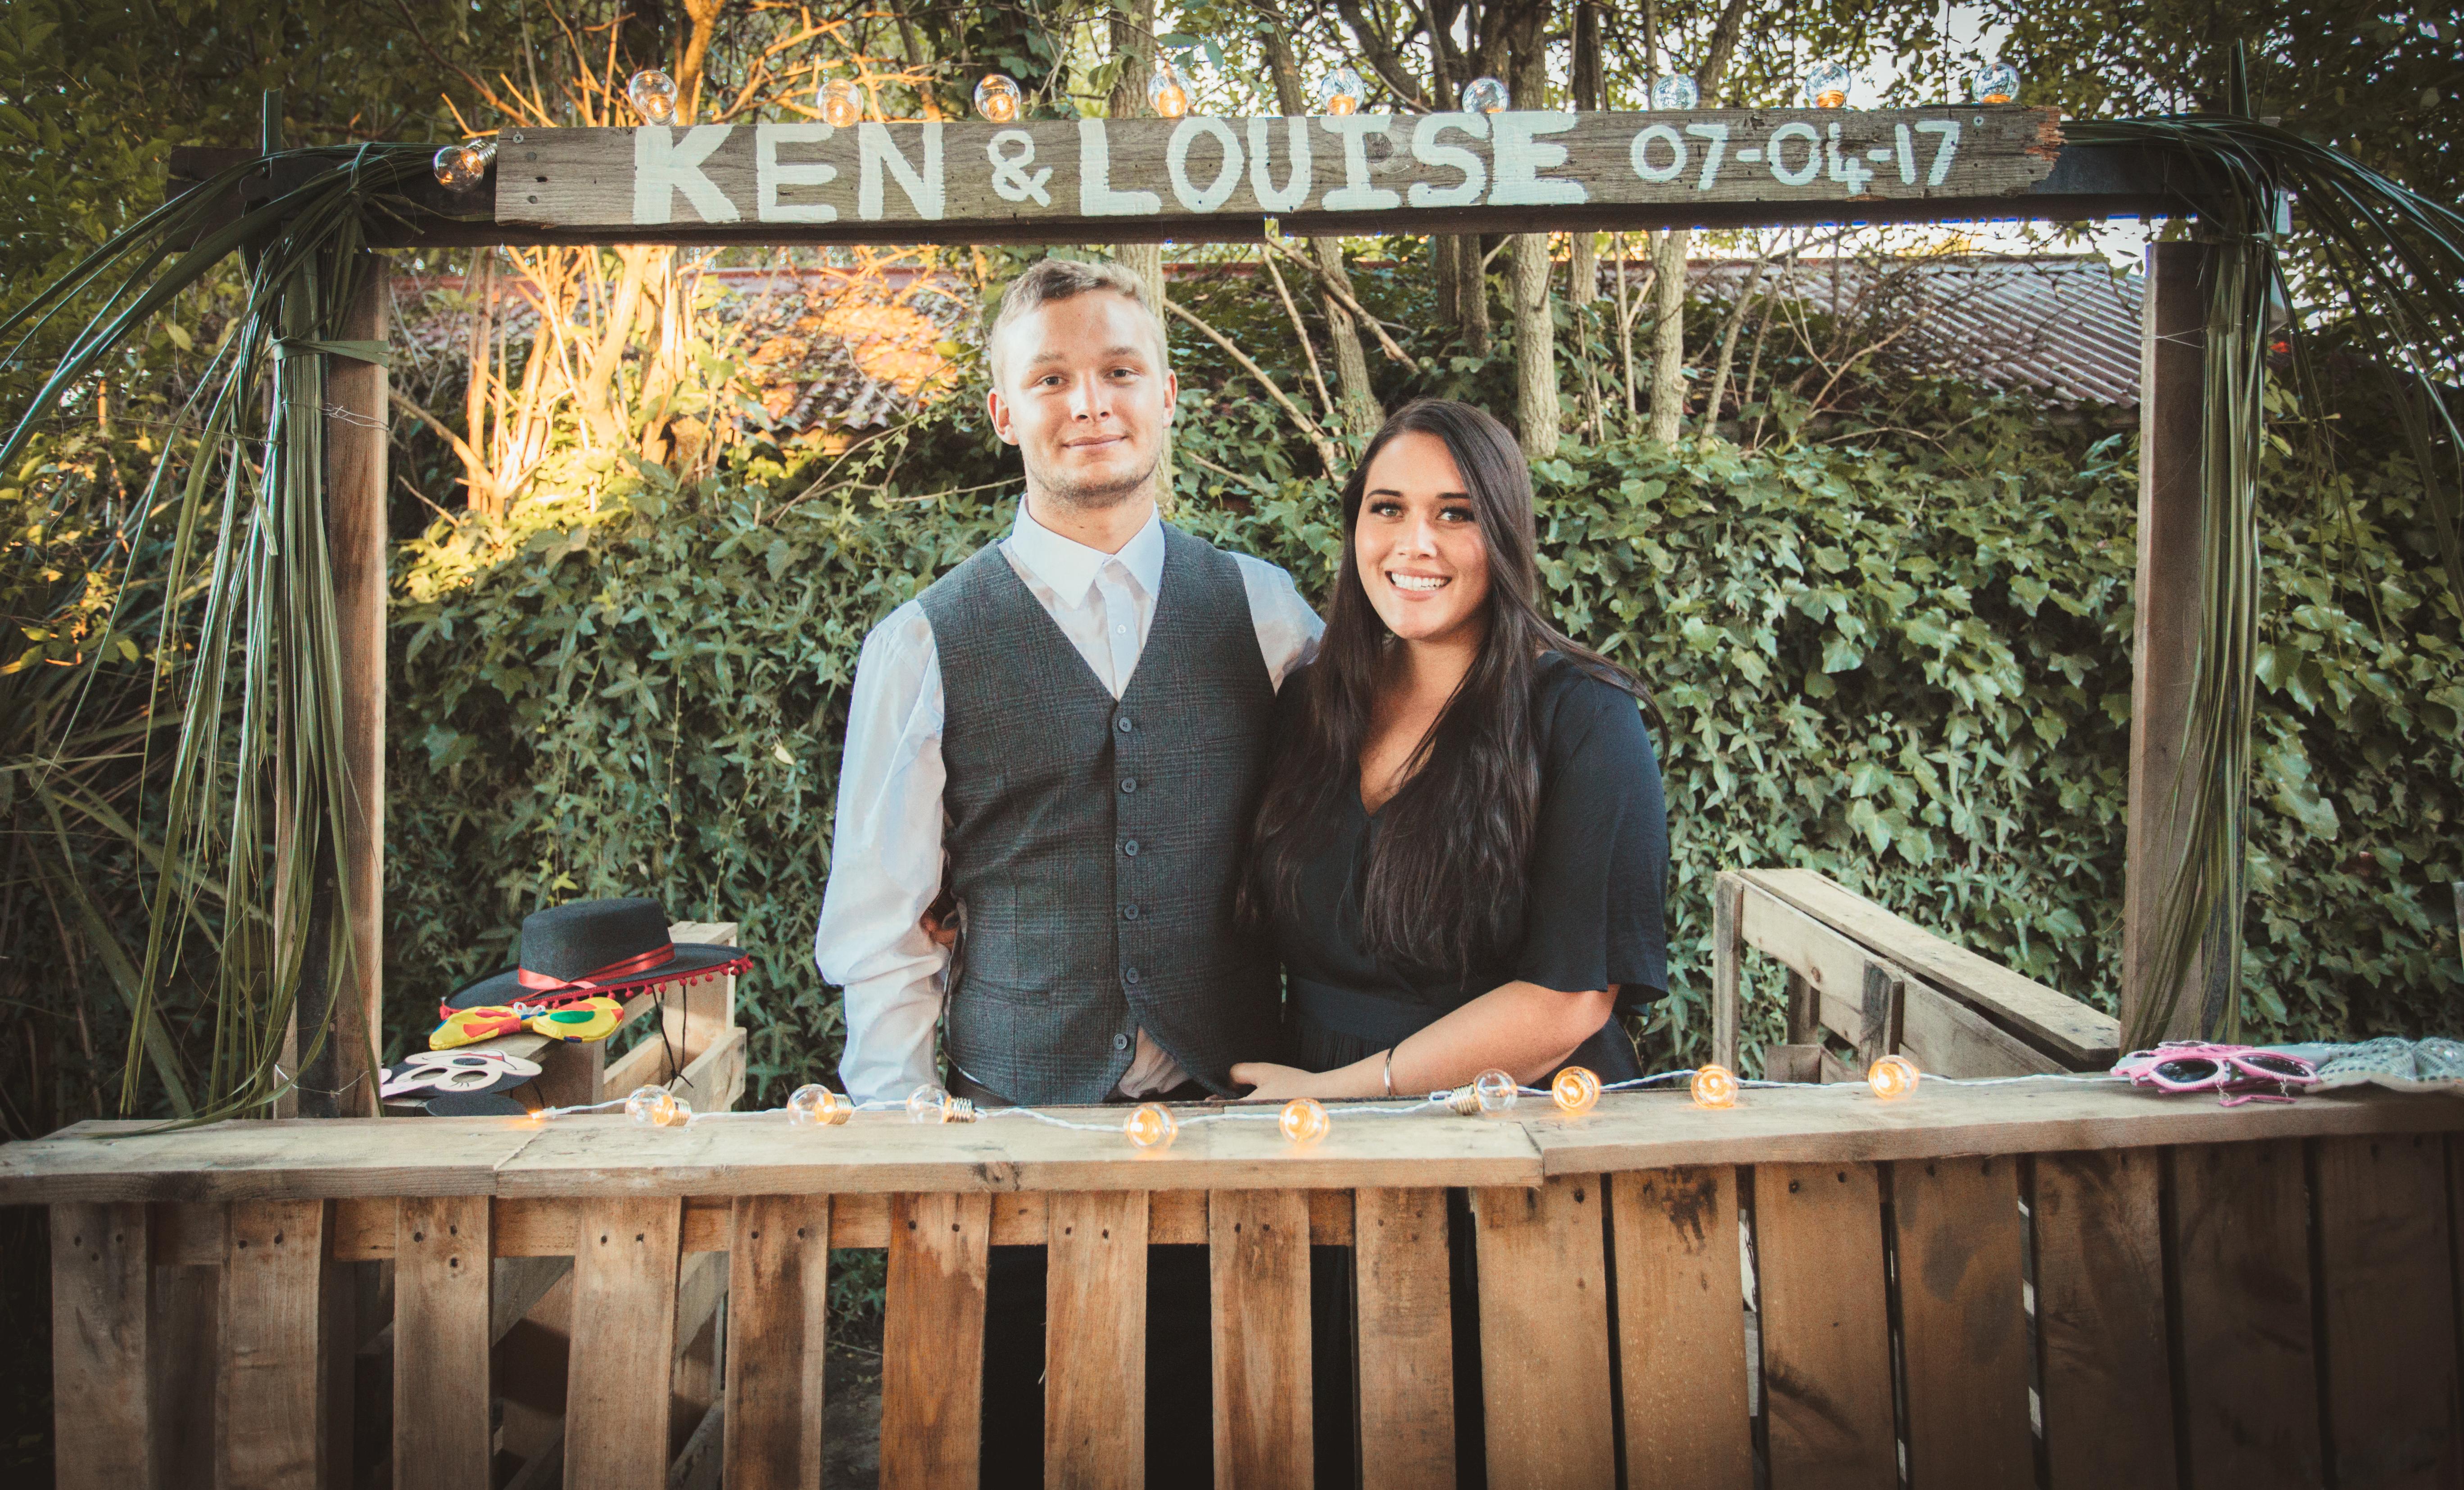 Louise & Ken-442